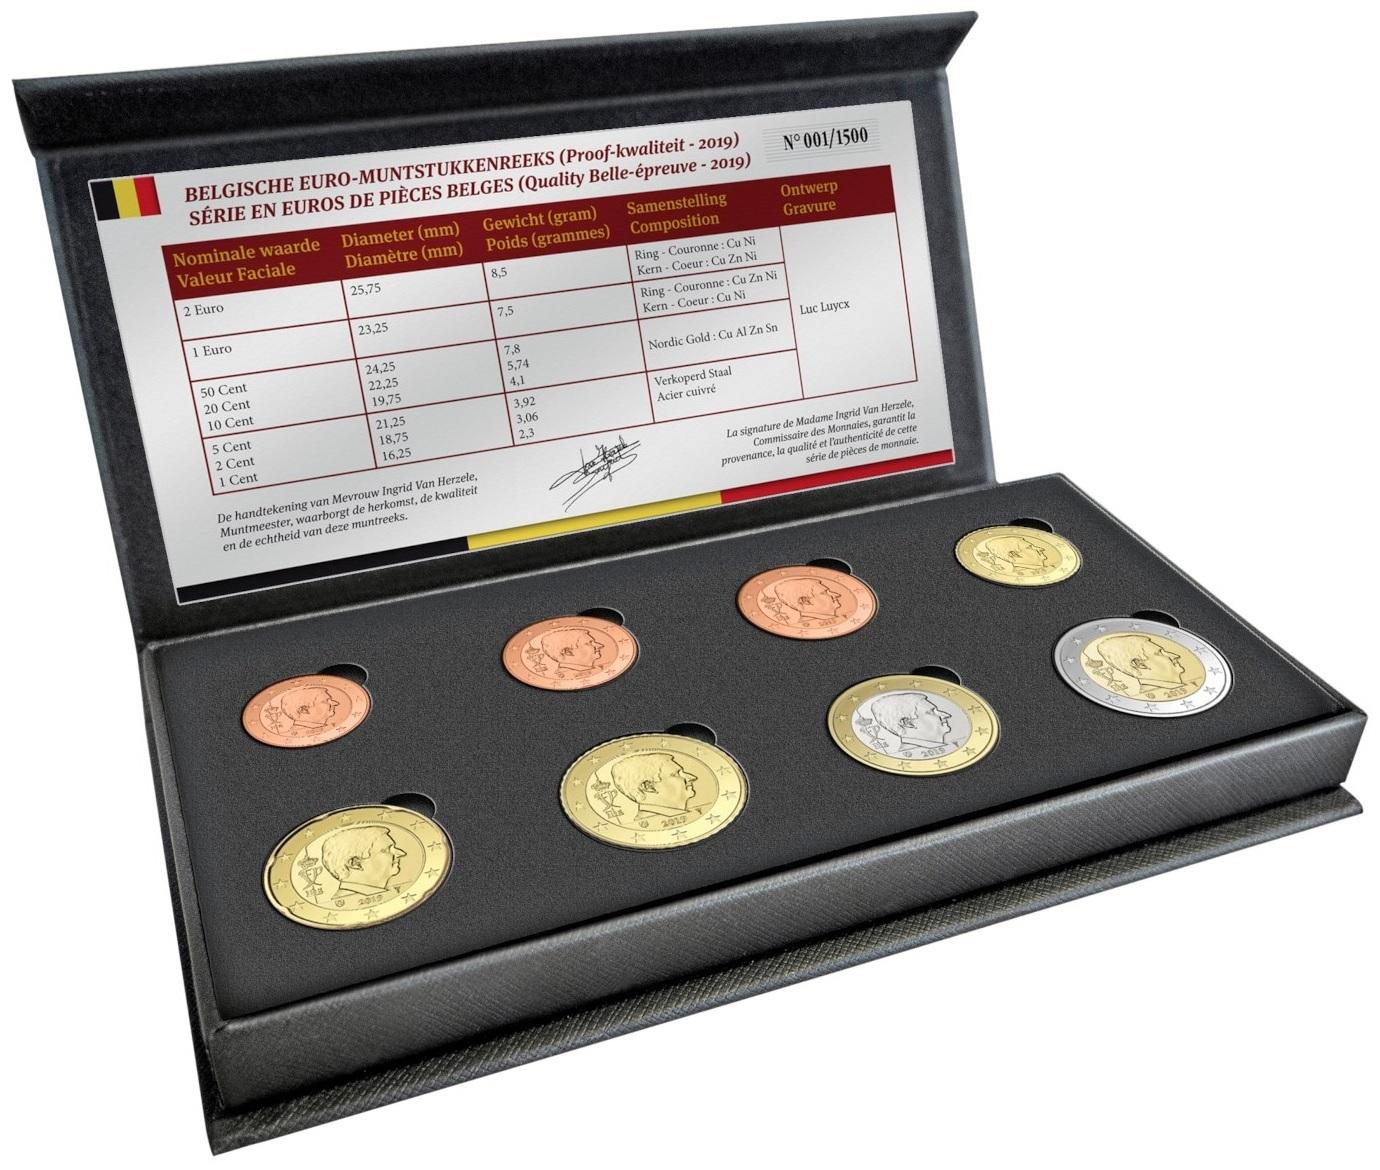 (EUR02.CofBE.2019.0106165) Proof coin set Belgium 2019 (open) (zoom)